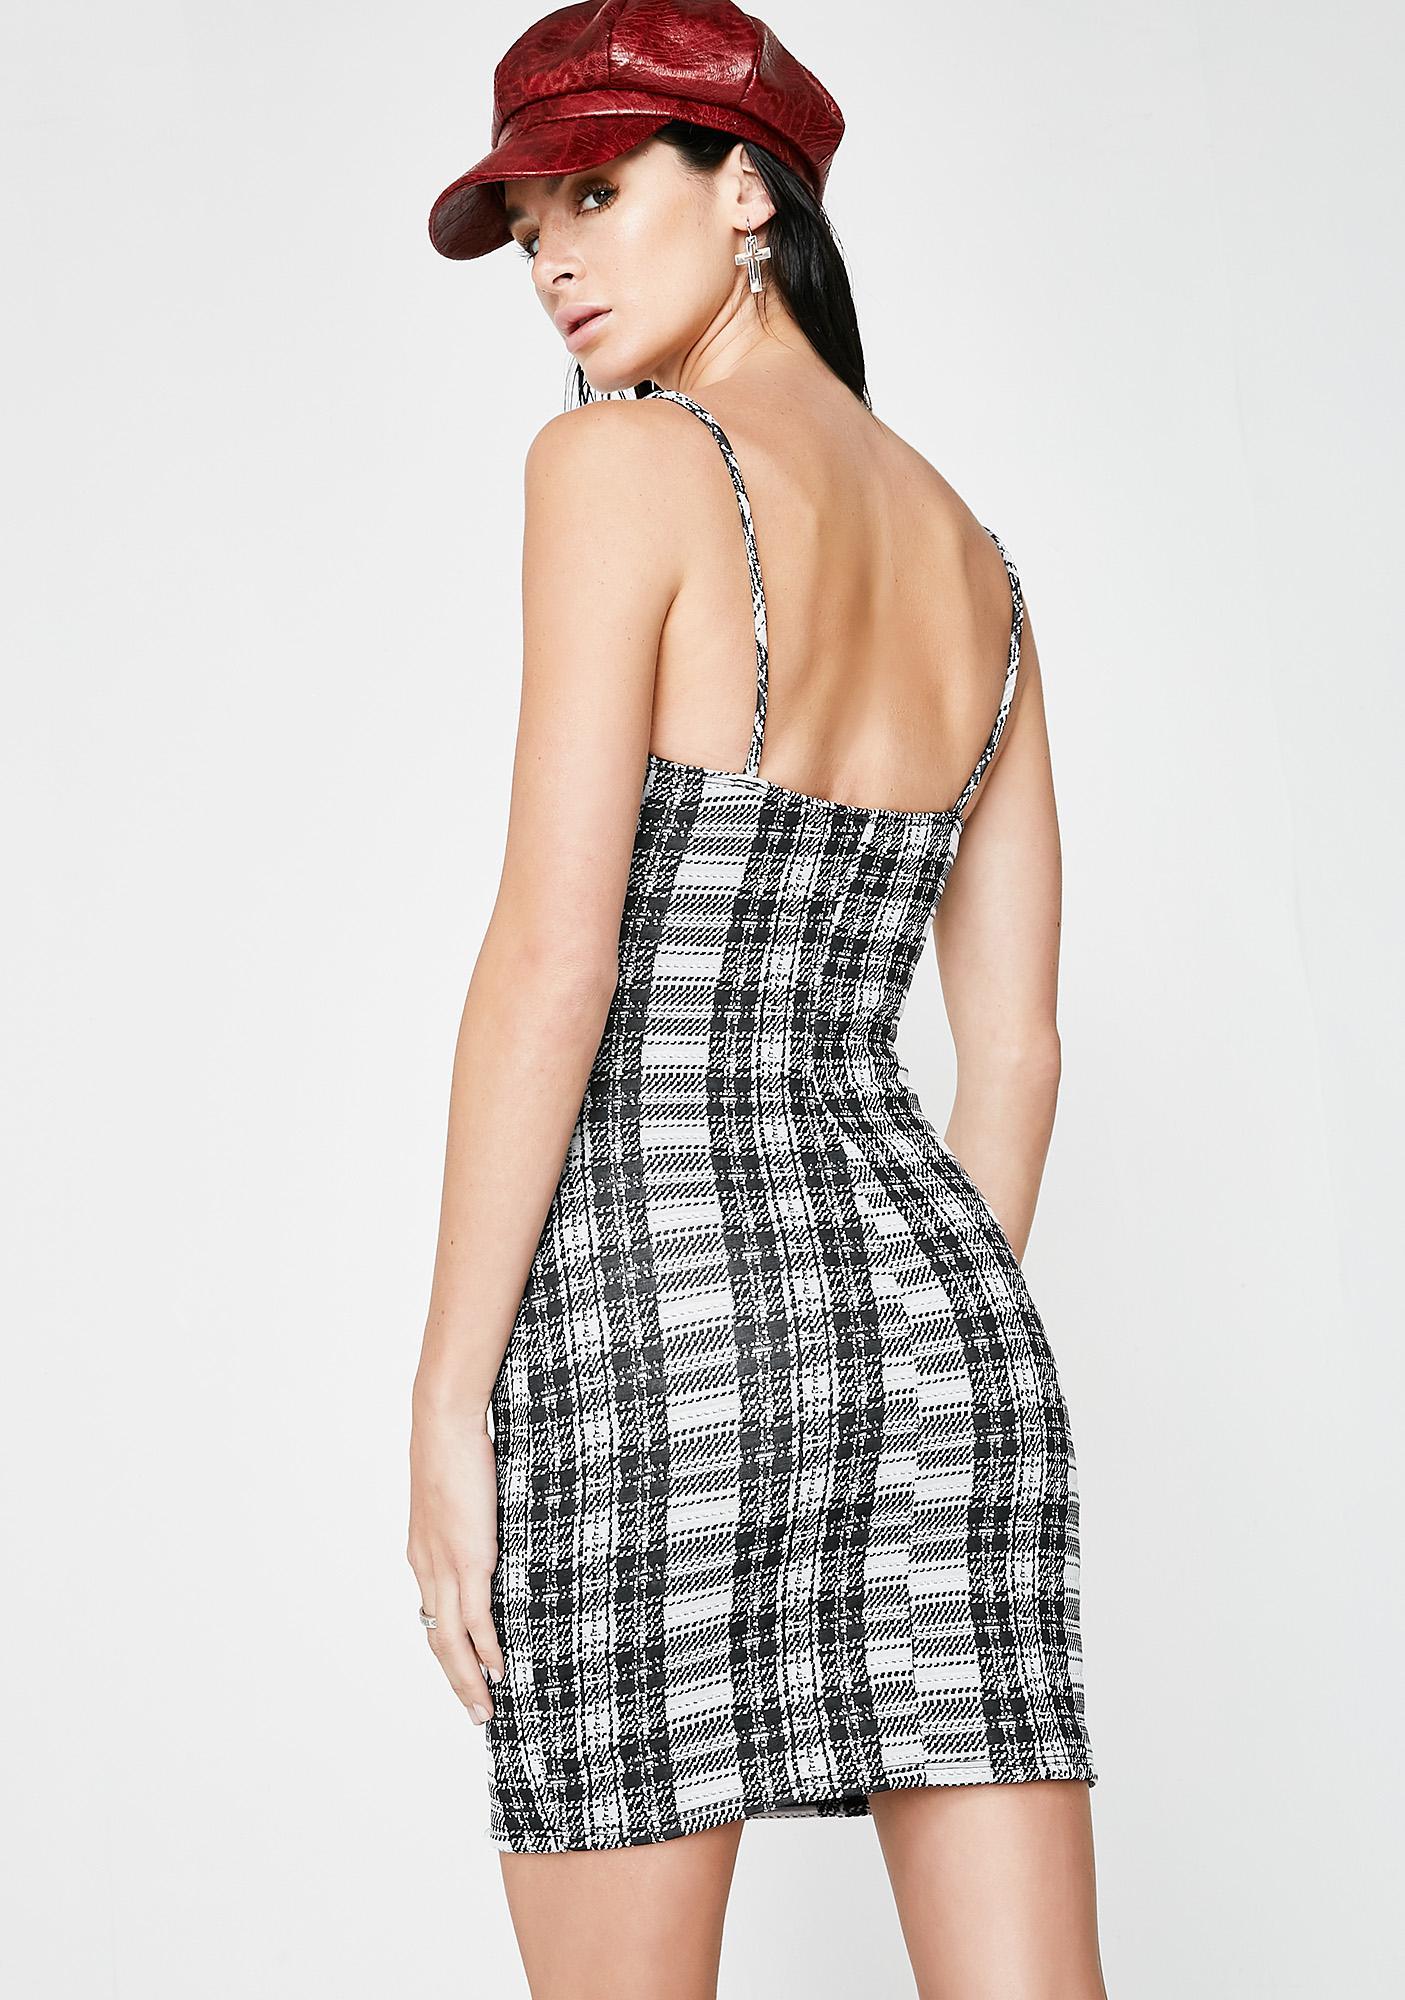 Yung Luv Plaid Dress